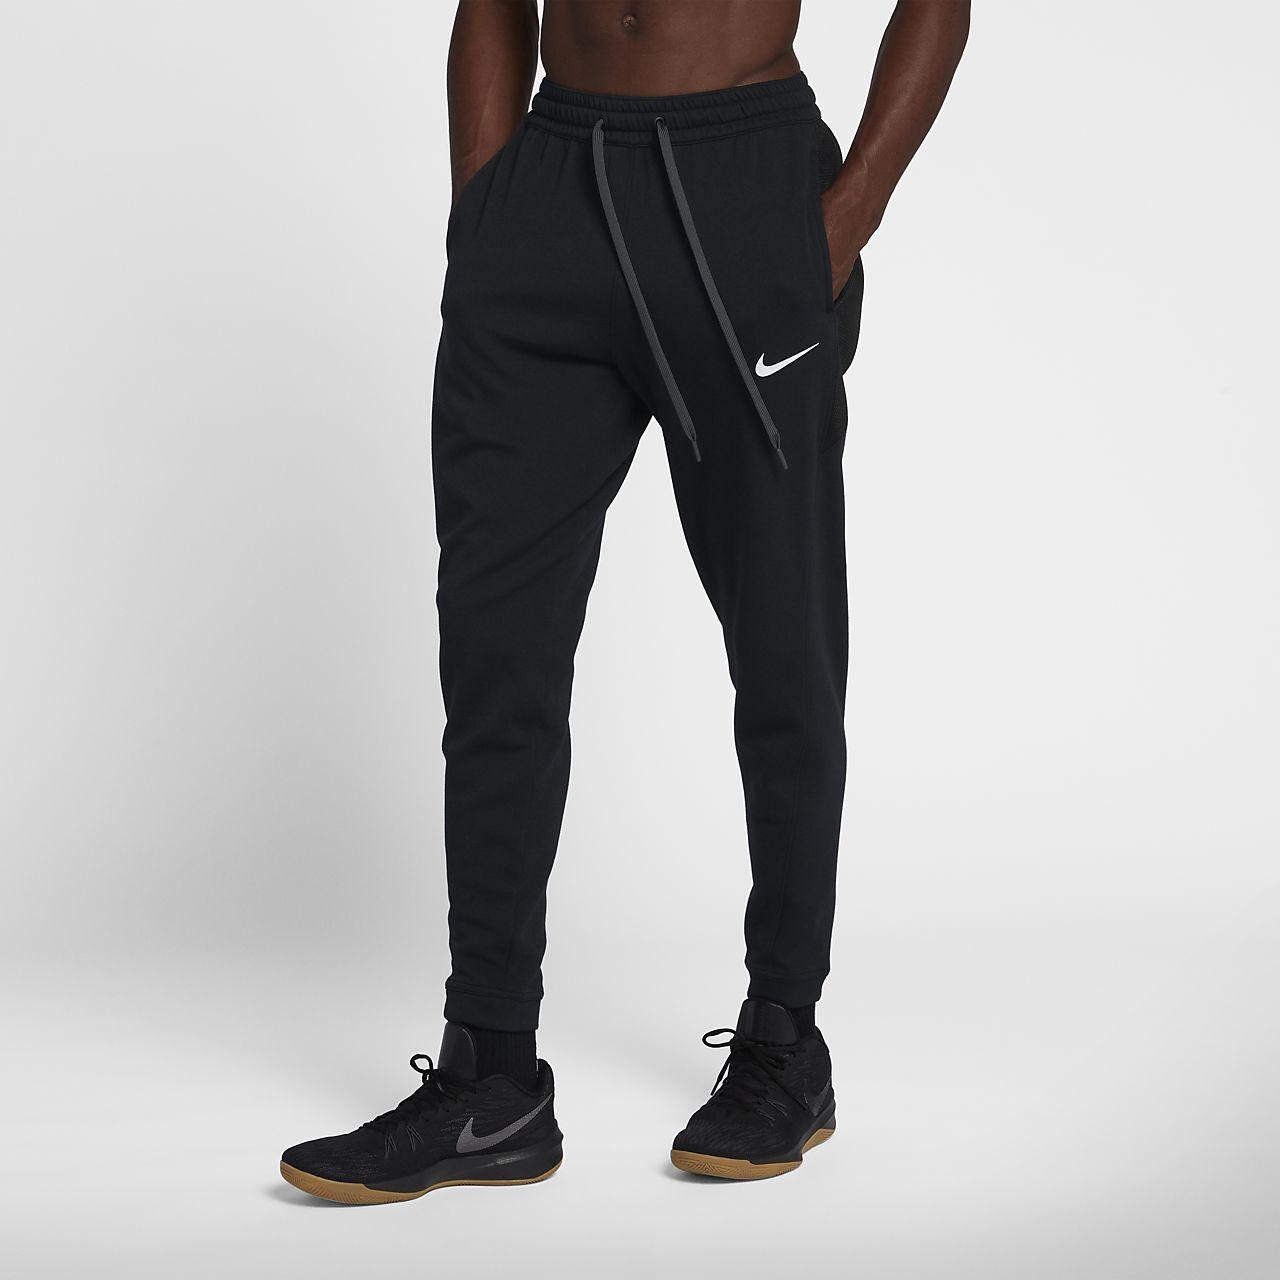 Nike Dri Fit Showtime Men S Basketball Pants Nike Com